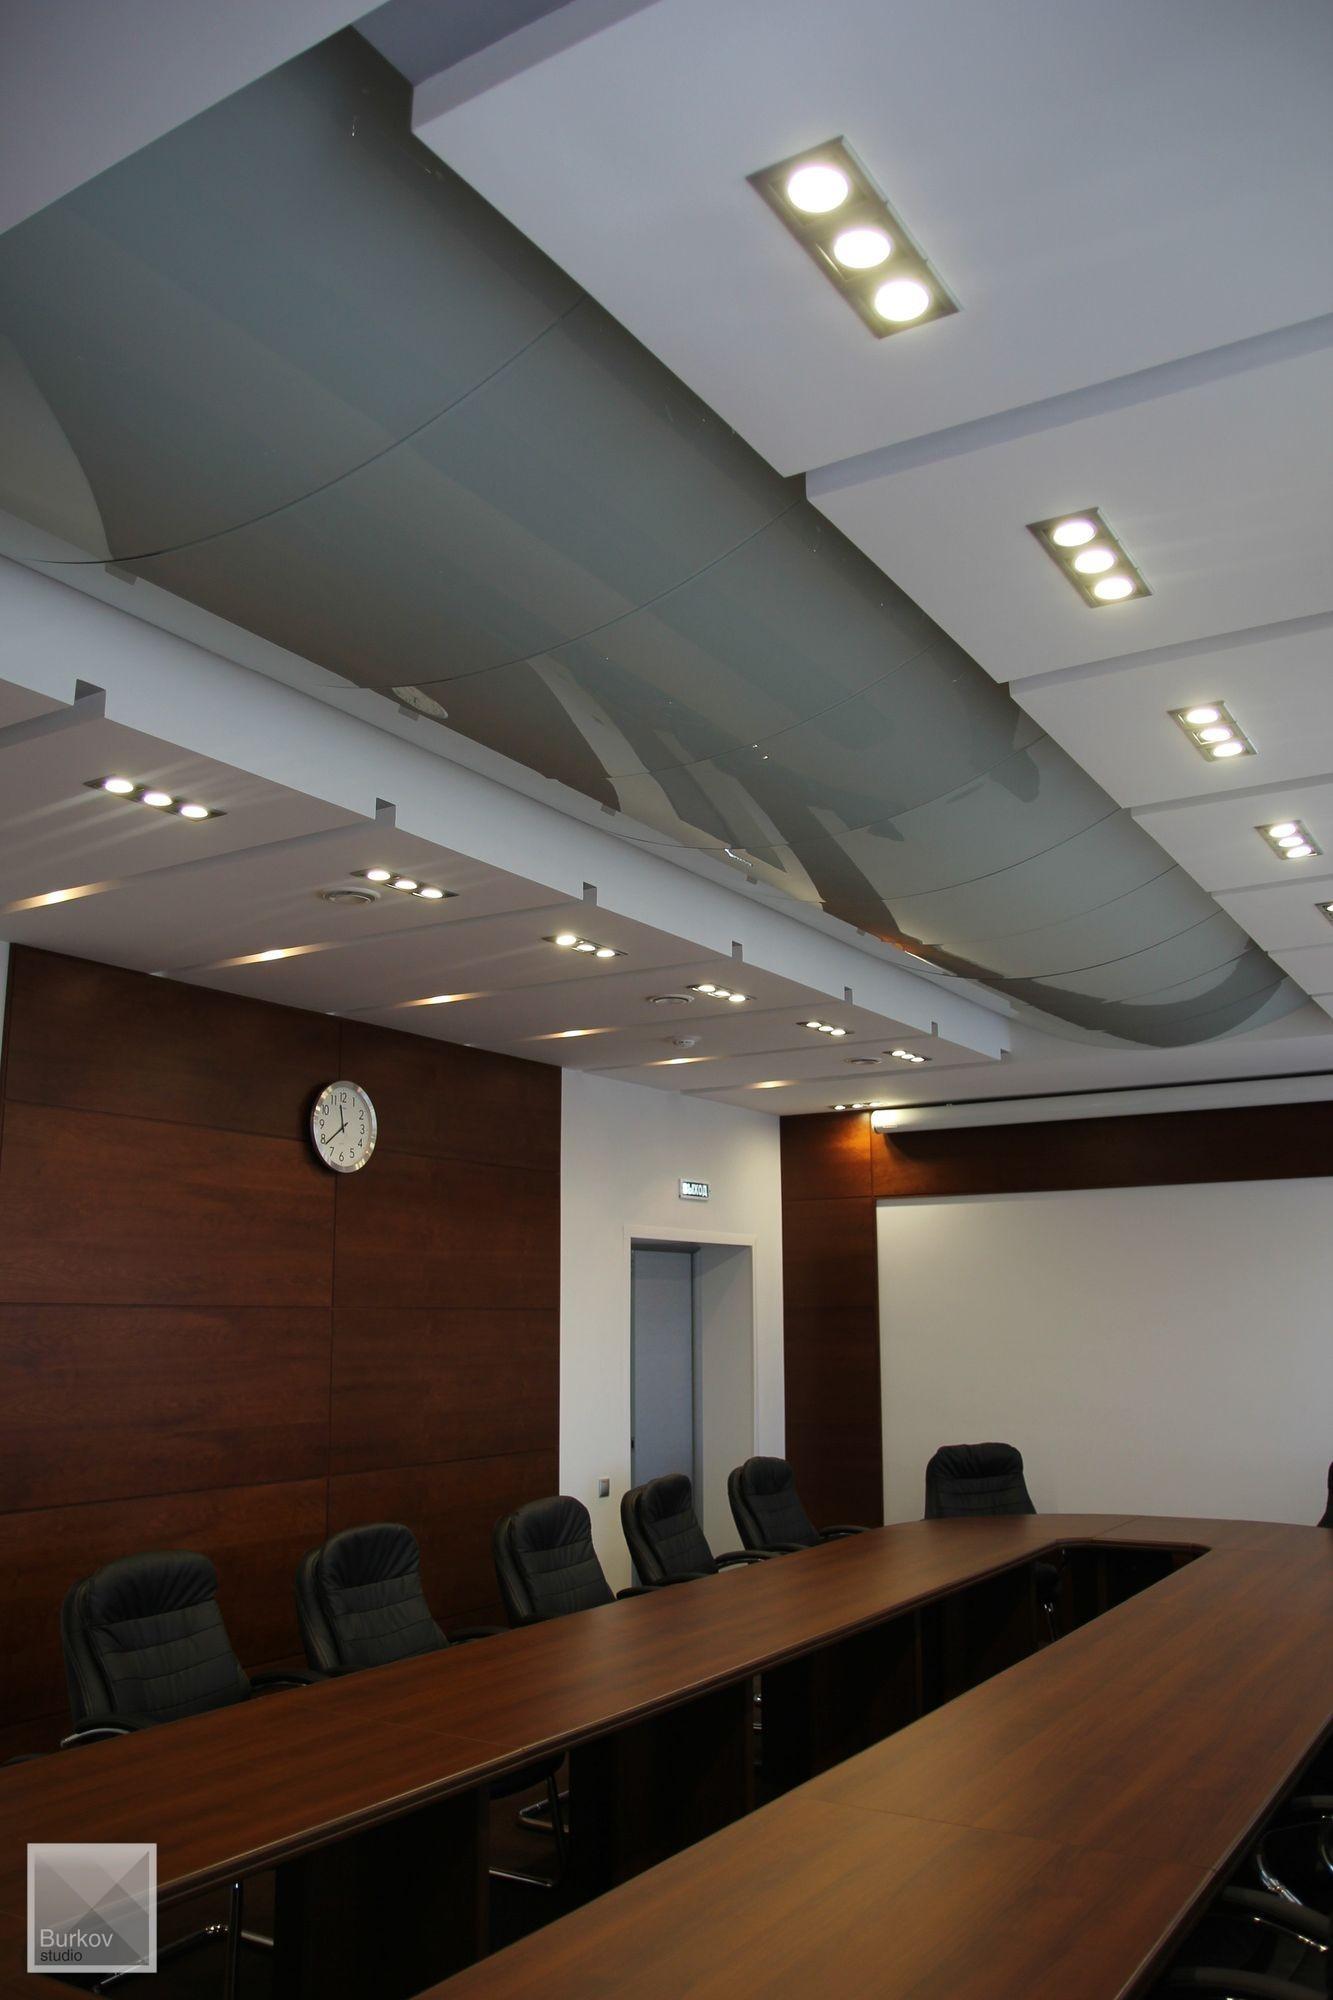 Зал совещаний, потолок из стекла